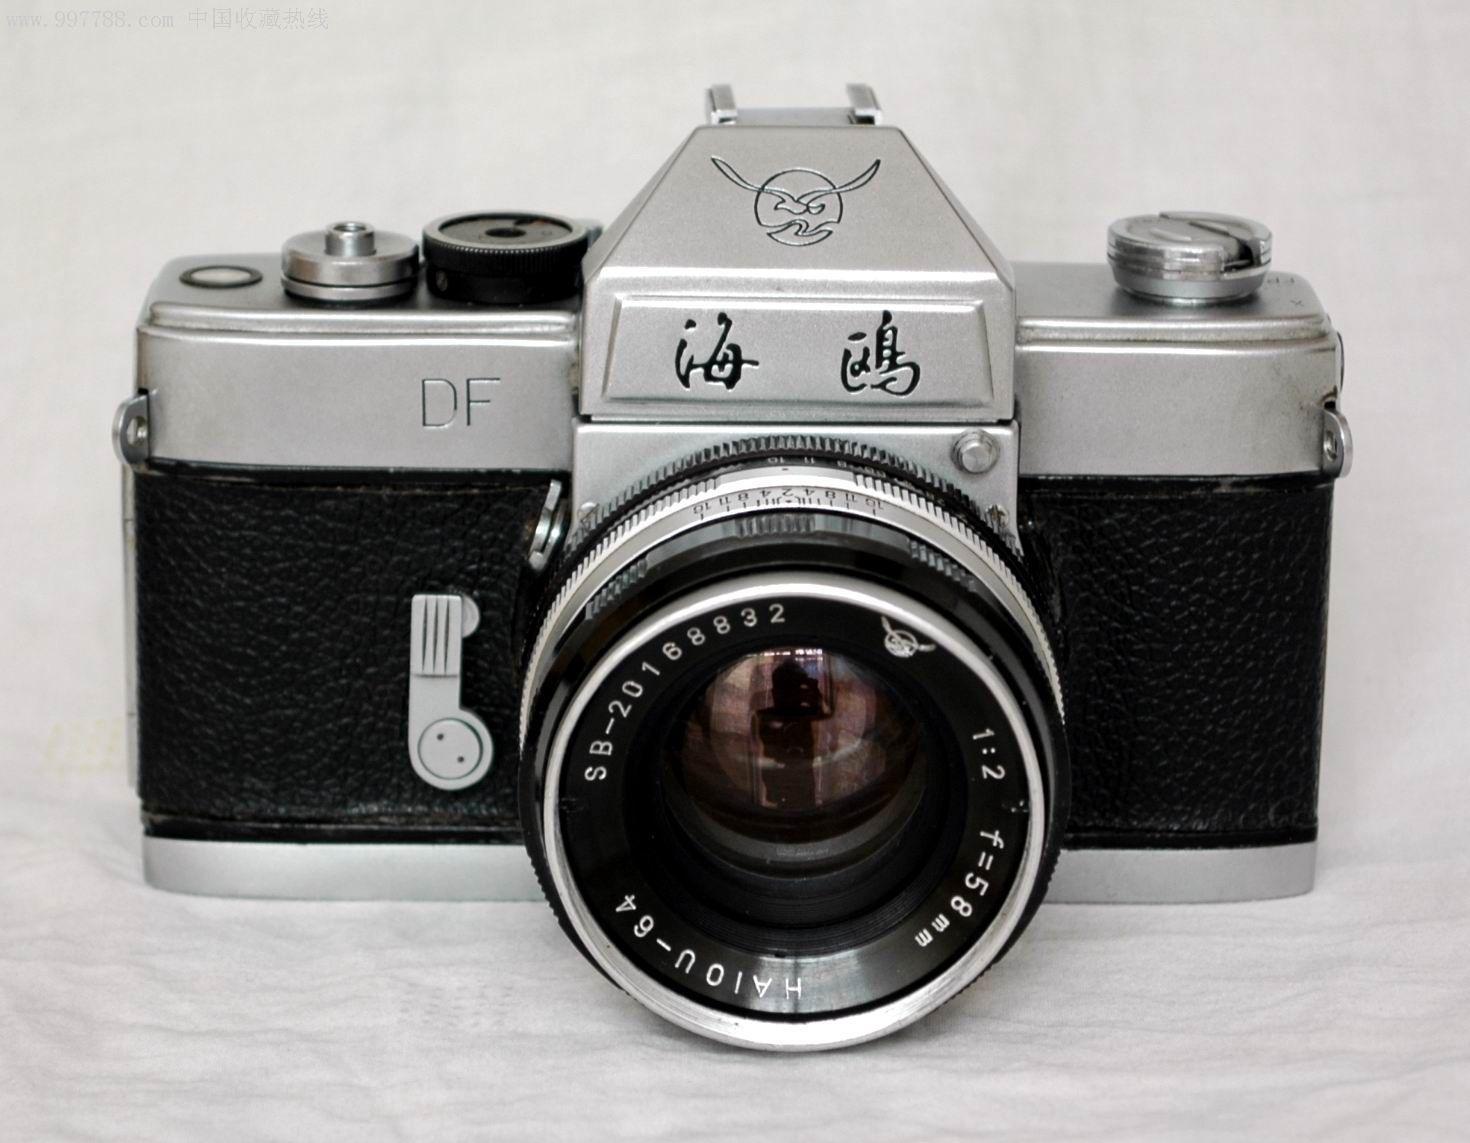 国产的经典 海鸥相机   说起老相机就不能不起国产的品牌海鸥,这都是曾经国人的骄傲,直至21世纪初还有很多初学摄影的人用它们作为进入摄影的开蒙相机来使用。   在上世纪六十年代初,我国的国防、公安、新闻、医疗、科研、体育等领域急需国产的高级单反相机。在工业基础力量相当薄弱的情况下,上海照相机厂临急受命,在1964年研制成功我国第一台高级单反相机上海DF-7型。从而开启了海鸥相机的传奇之路。   在海鸥相机的发展史中也曾经出现过很多的经典机型,203型是以上海命名的最后一台120折叠式相机,生产年份在